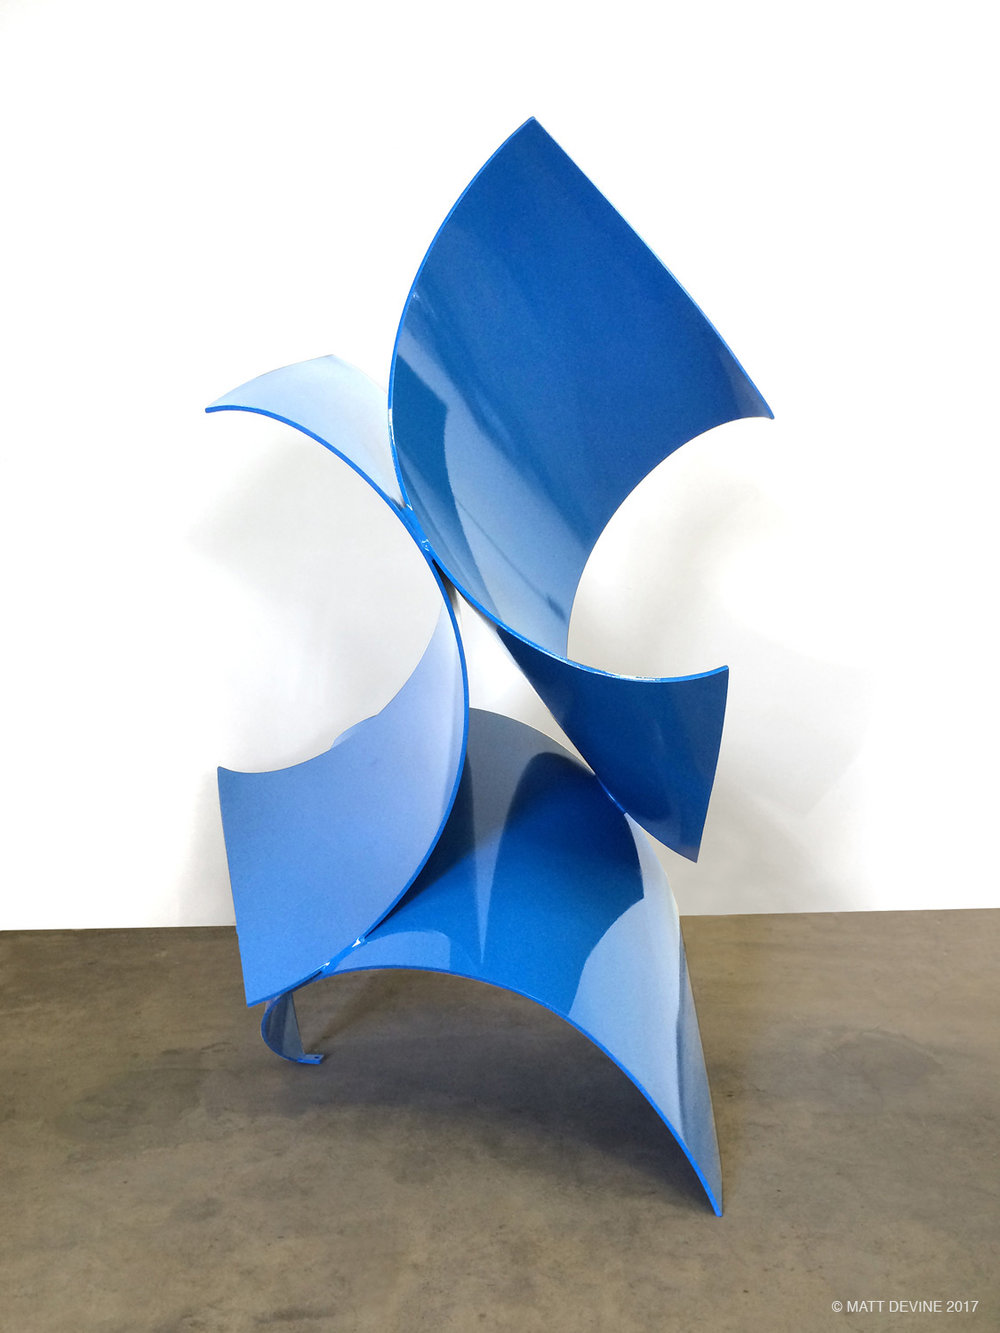 THREE OF A KIND MINI, 2015, steel with powdercoat, 16H x 10W x 6D